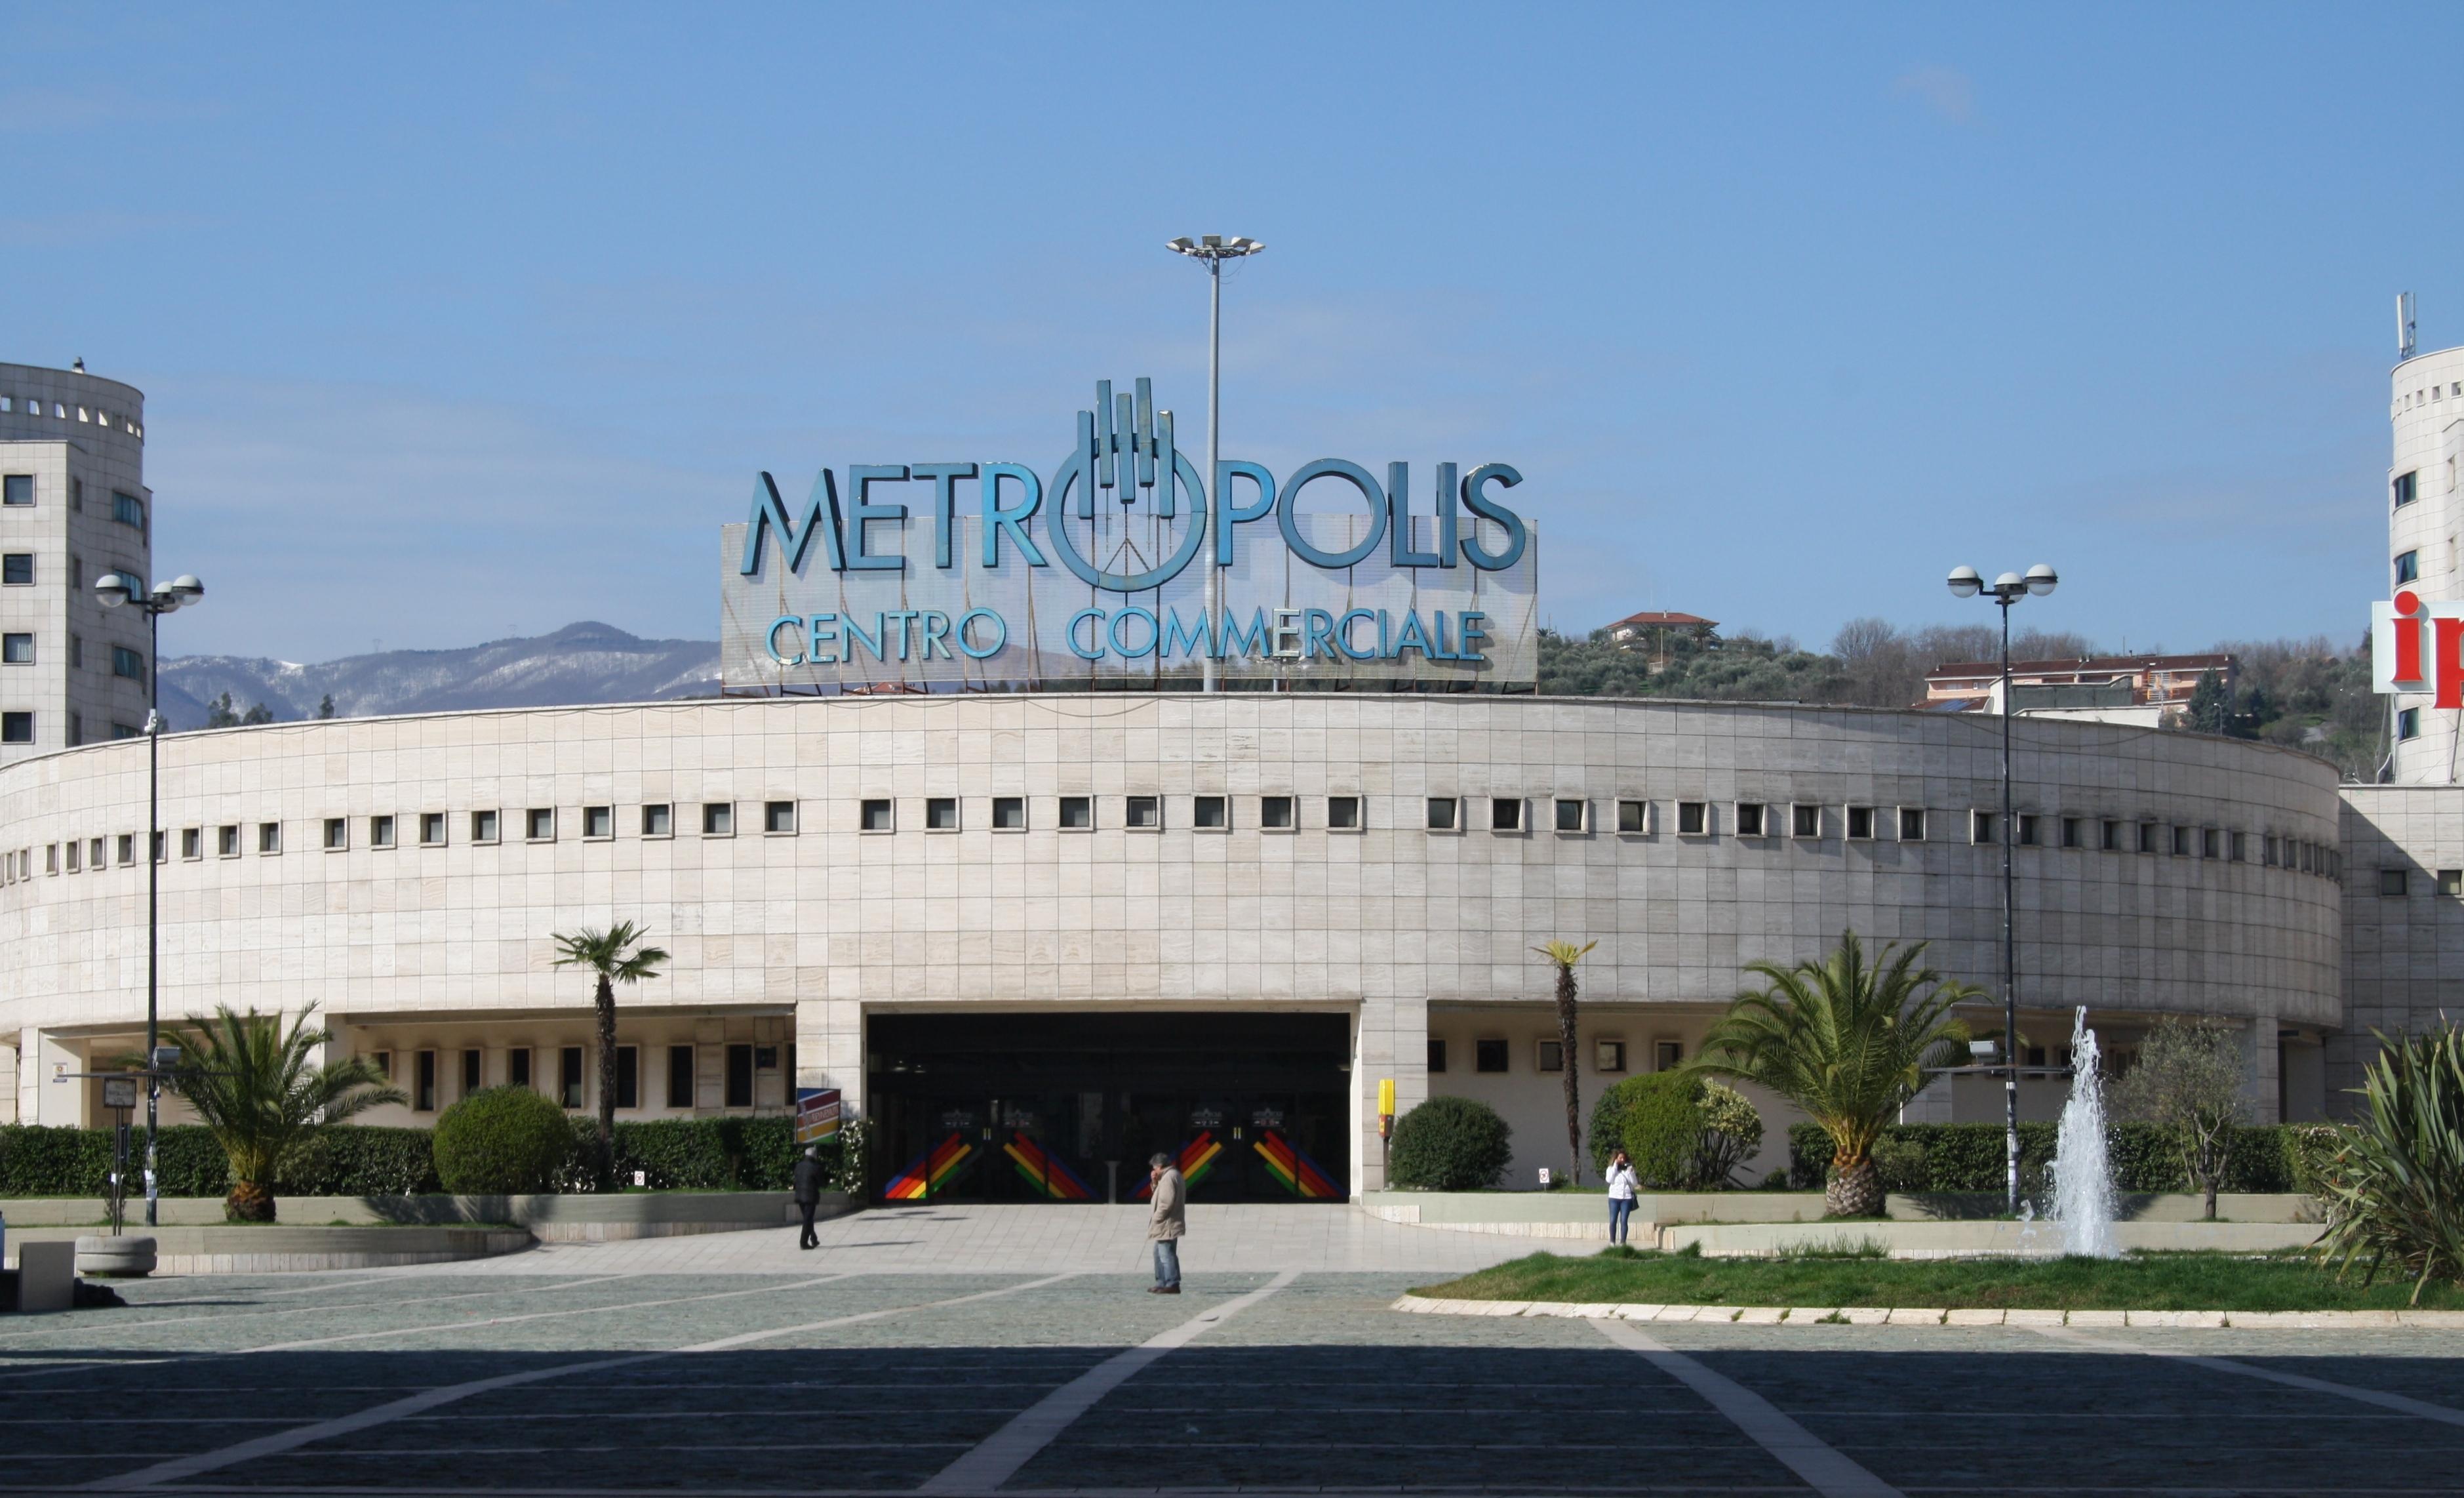 Rende il centro commerciale metropolis apre nuovi negozi for Negozi arredamento cosenza